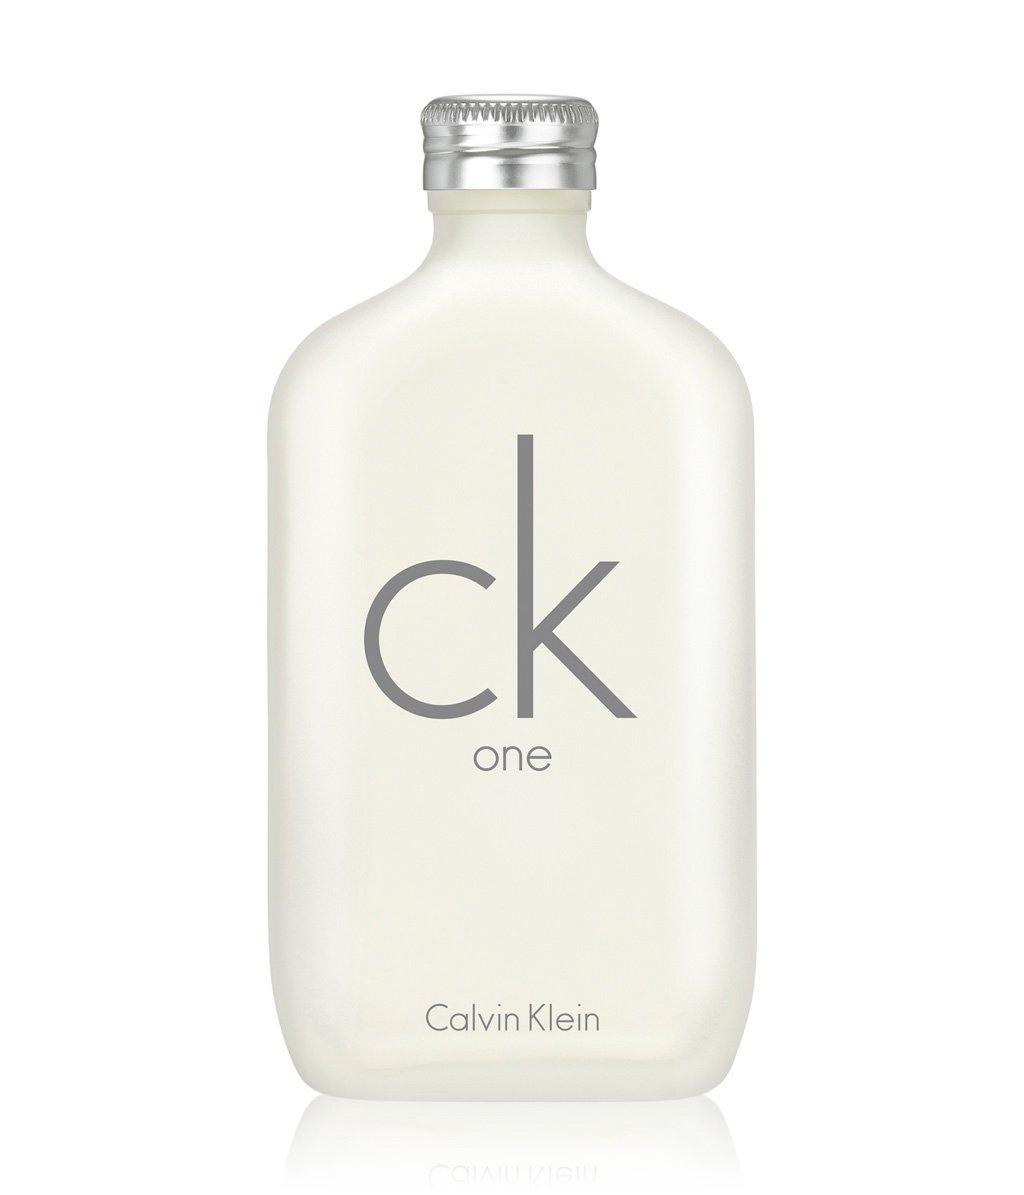 calvin klein ck one parfum kaufen gratisversand flaconi. Black Bedroom Furniture Sets. Home Design Ideas